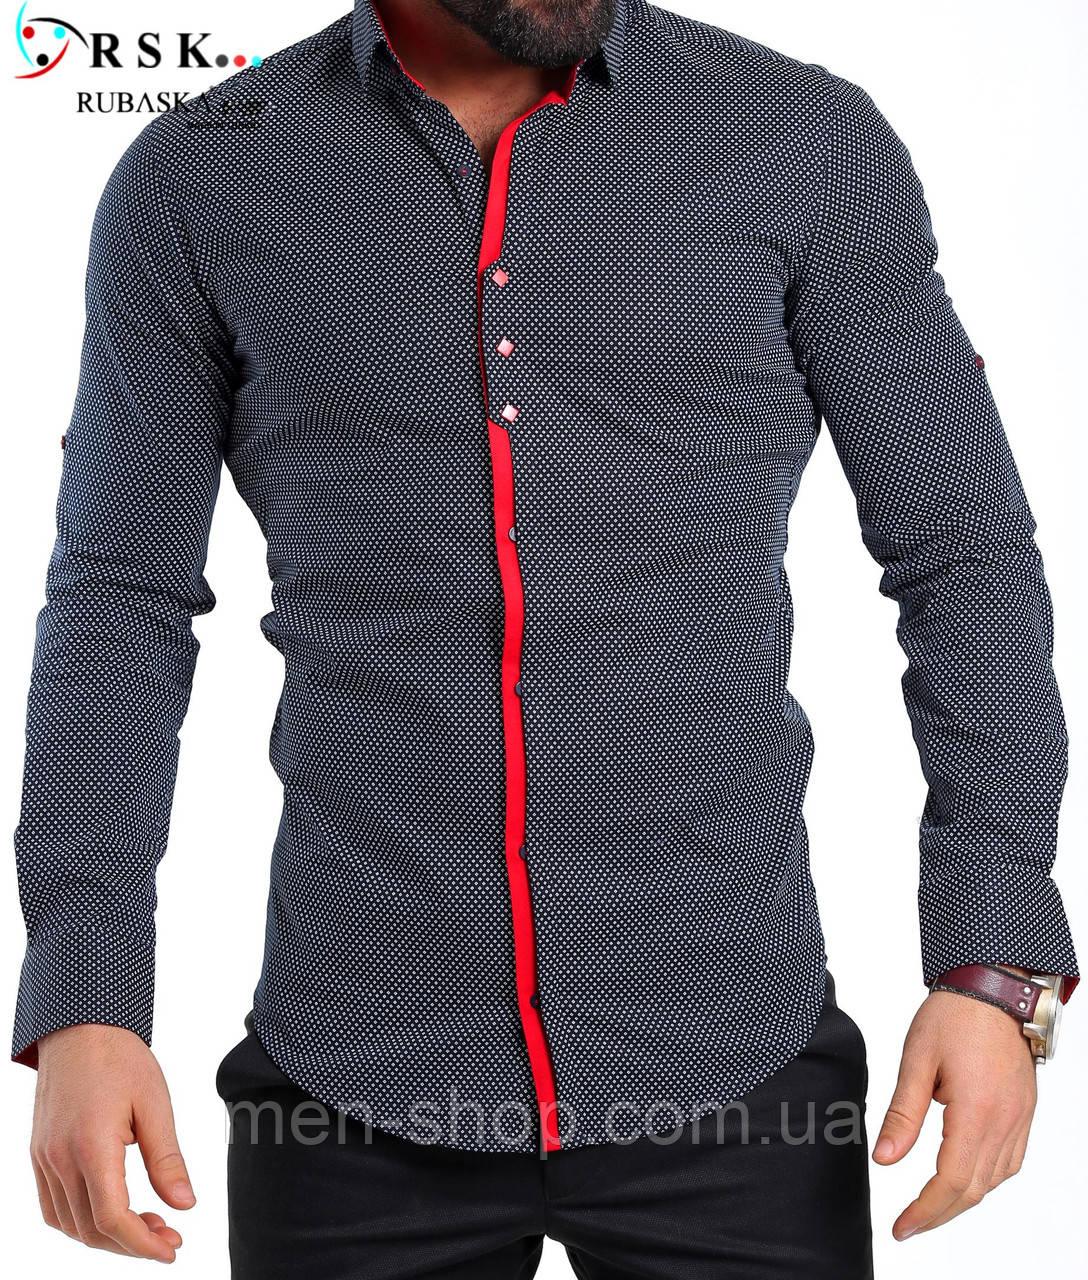 Качественная черная мужская рубашка